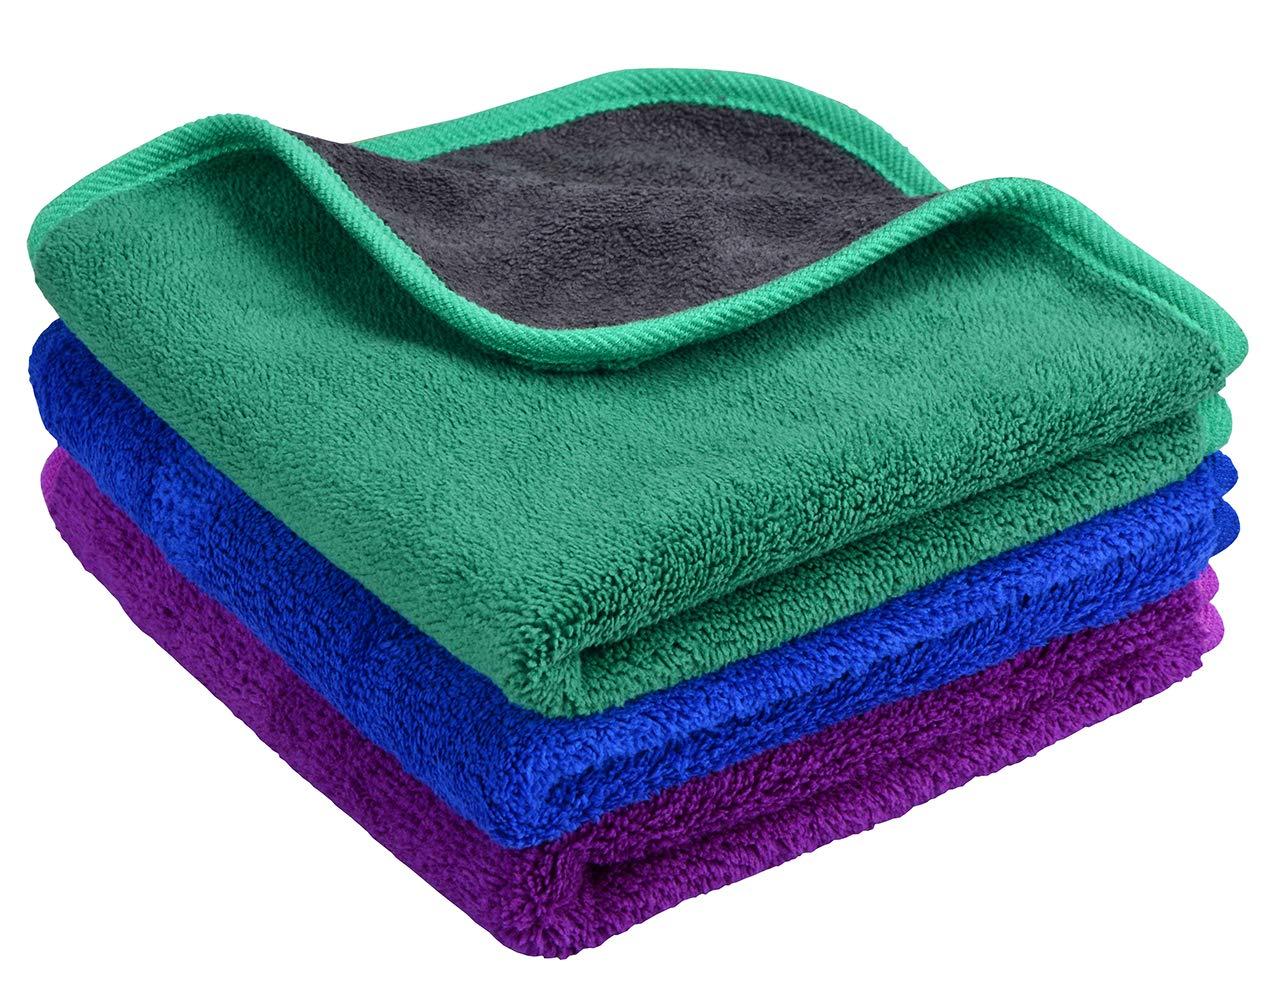 para pulir el Coche 600 g//m/² de Felpa Mayouth Gruesas superabsorbentes Toallas de Microfibra para Limpieza de Coches